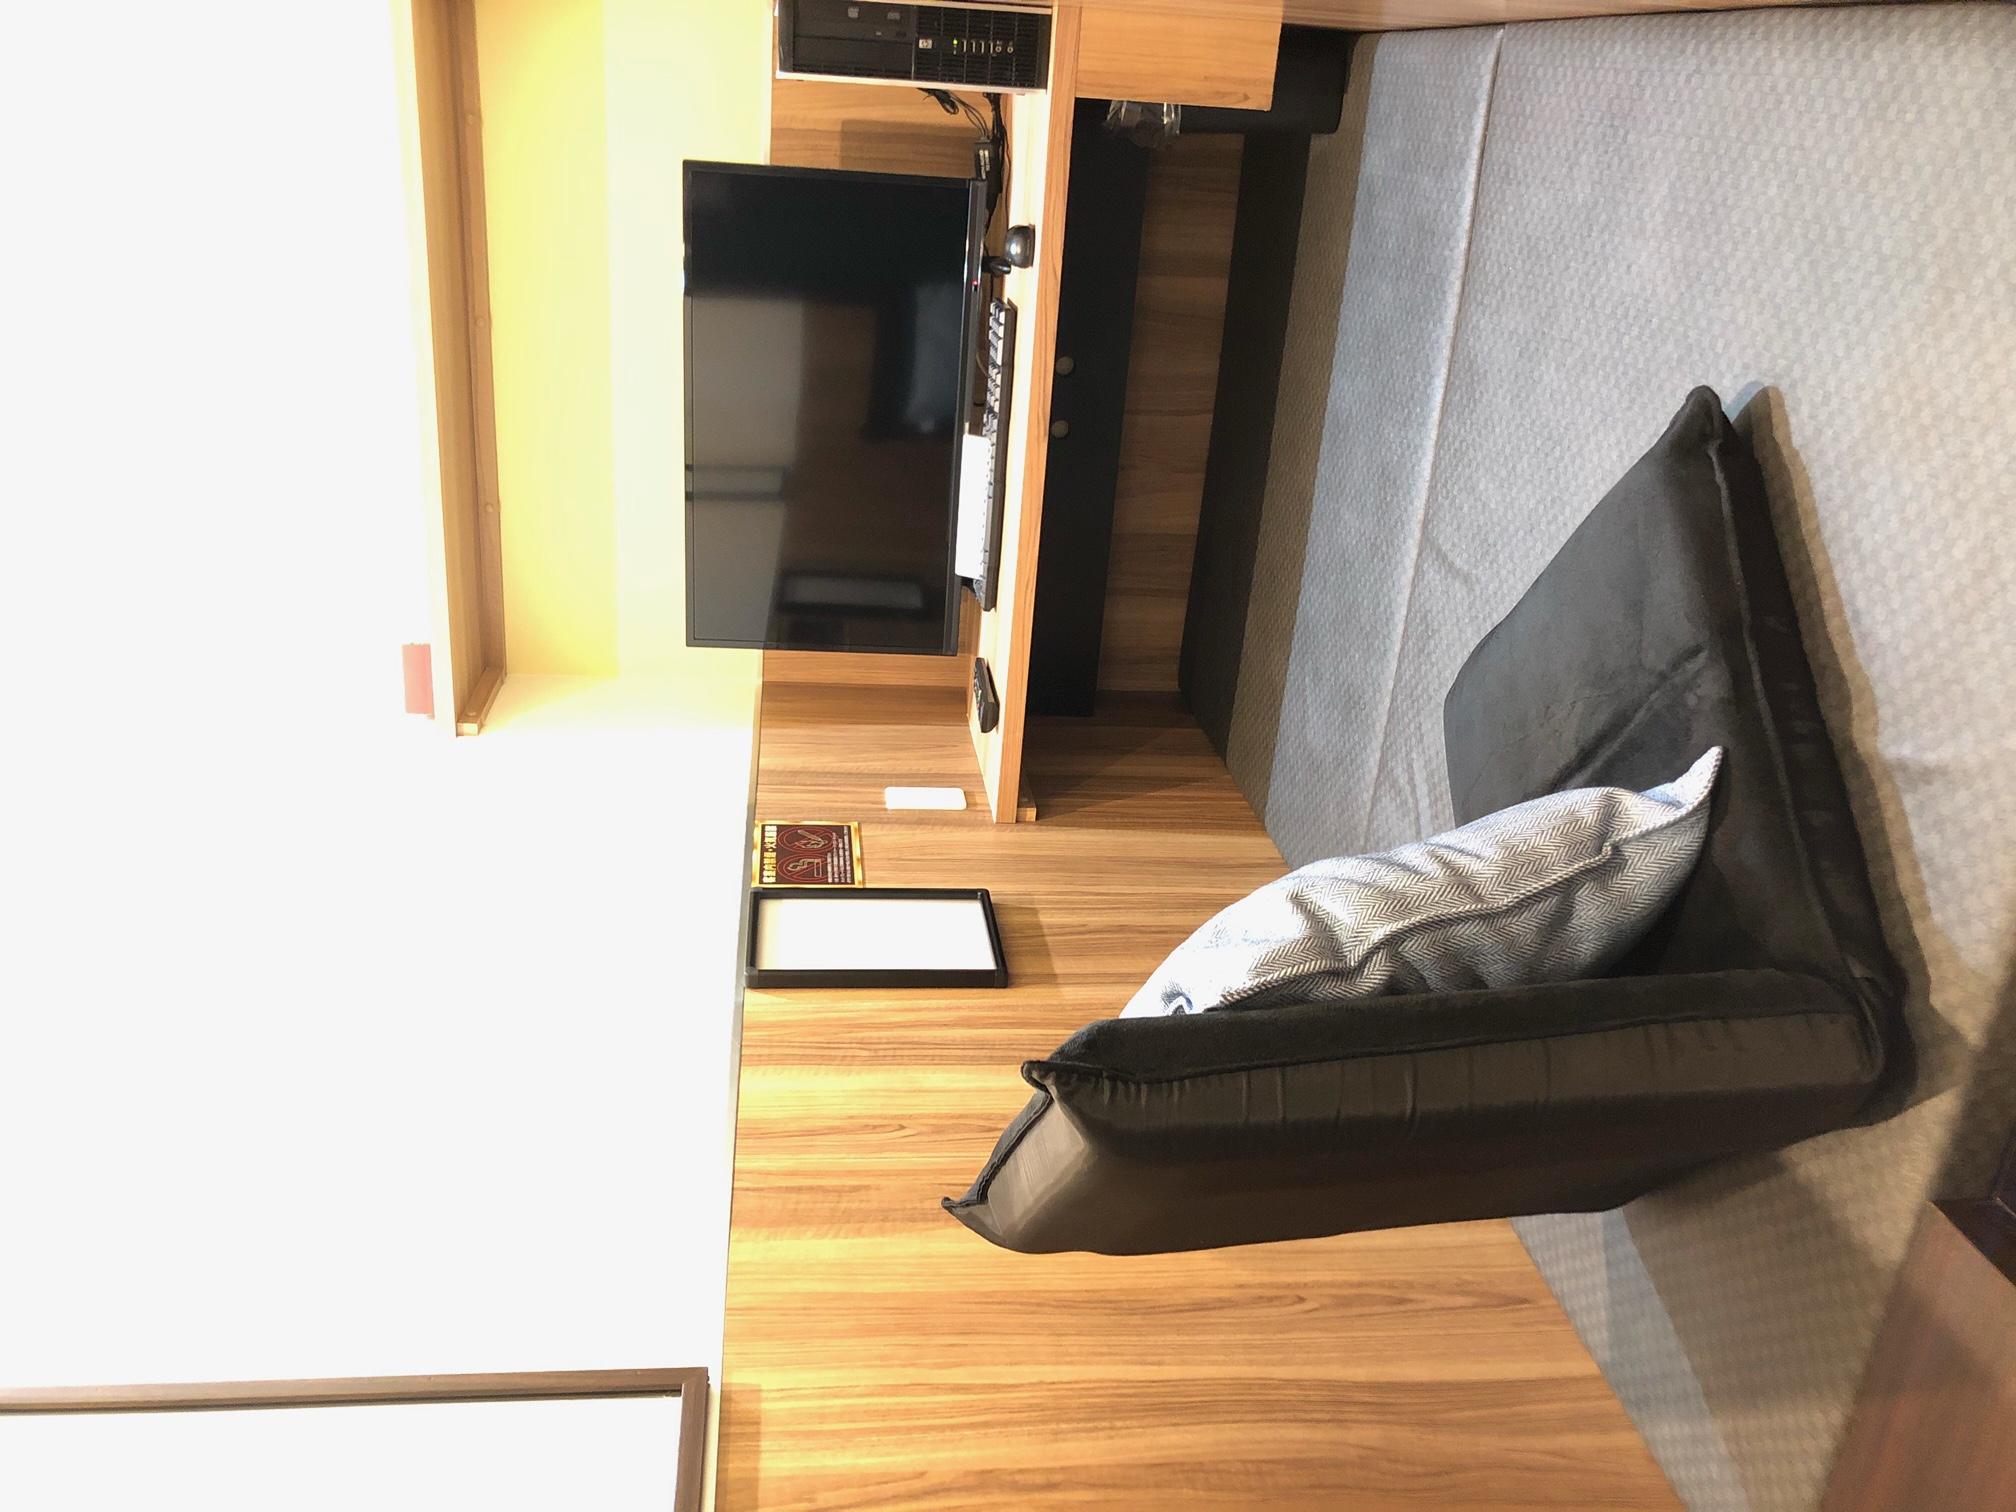 スタンダード 1名~2名様用 - 道玄坂NETROOM1.st 鍵付完全個室のネットルームの室内の写真